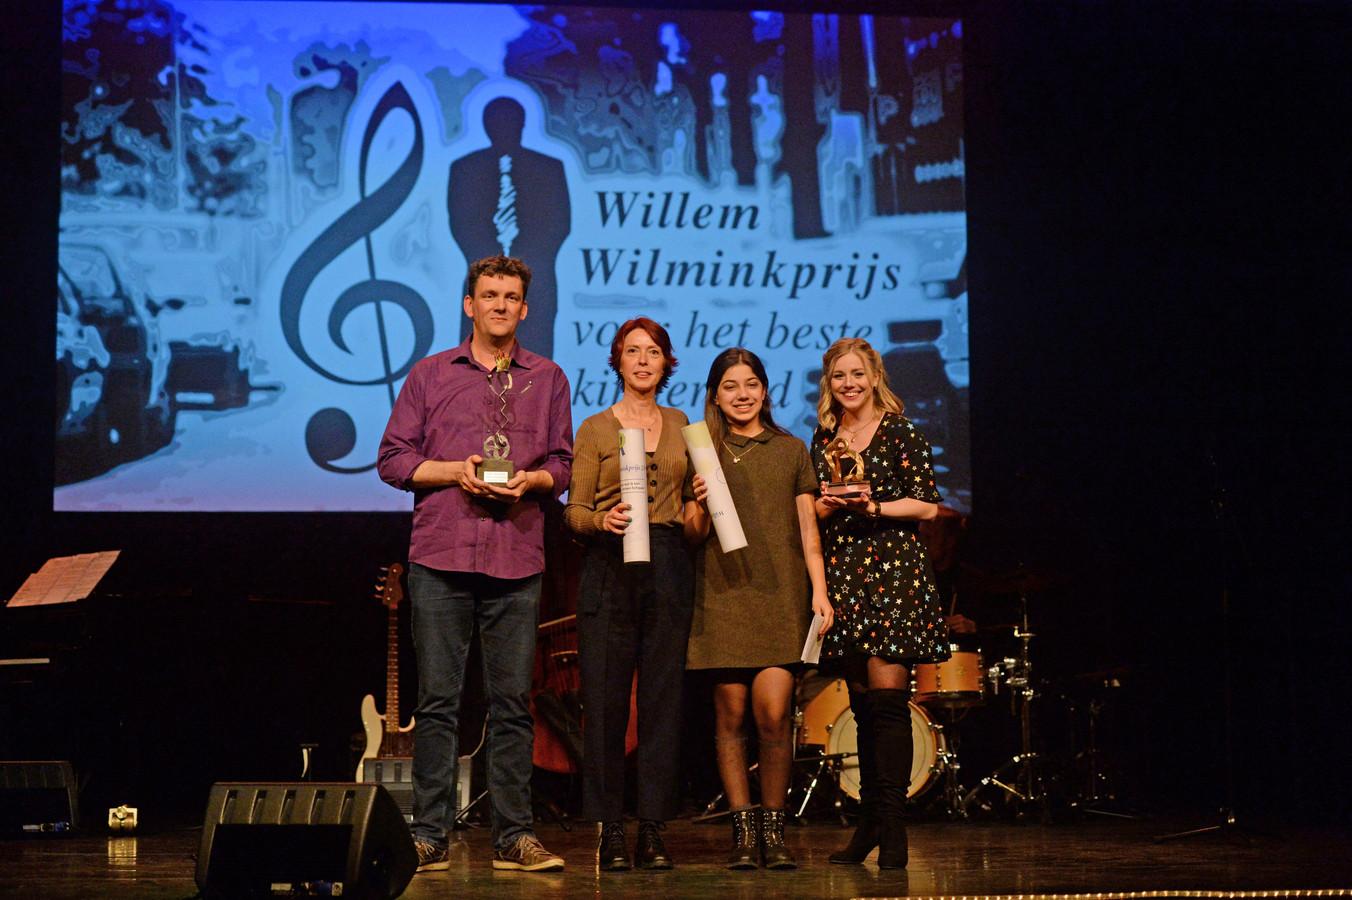 Uitreiking Willem Wilminkprijs voor het beste kinderlied. Tekst en muziek Jeroen Schipper, zang Kirsten Vermeij het lied kijk eens wat ik Kan